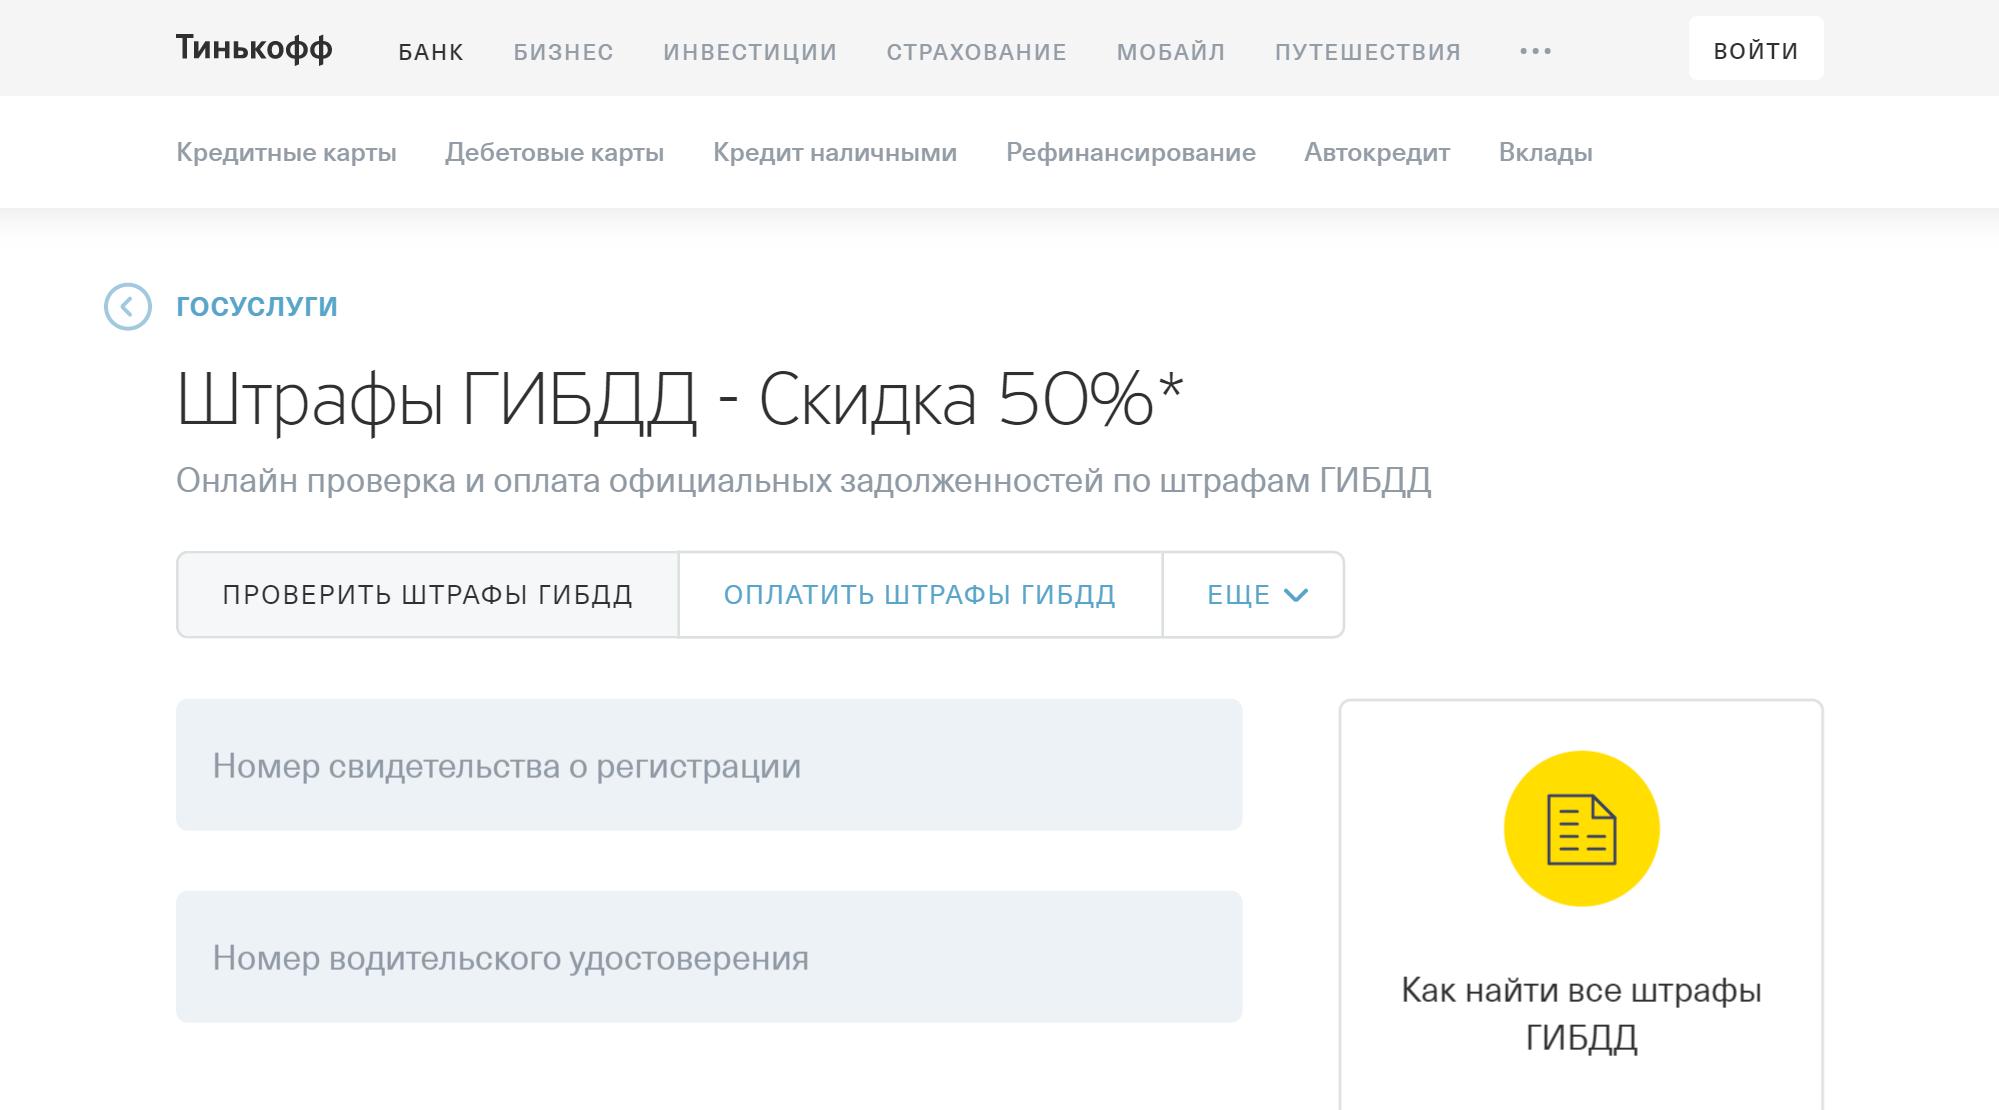 Вот так, например, выглядит страница для{amp}amp;nbsp;проверки и оплаты штрафов на сайте Тинькофф-банка